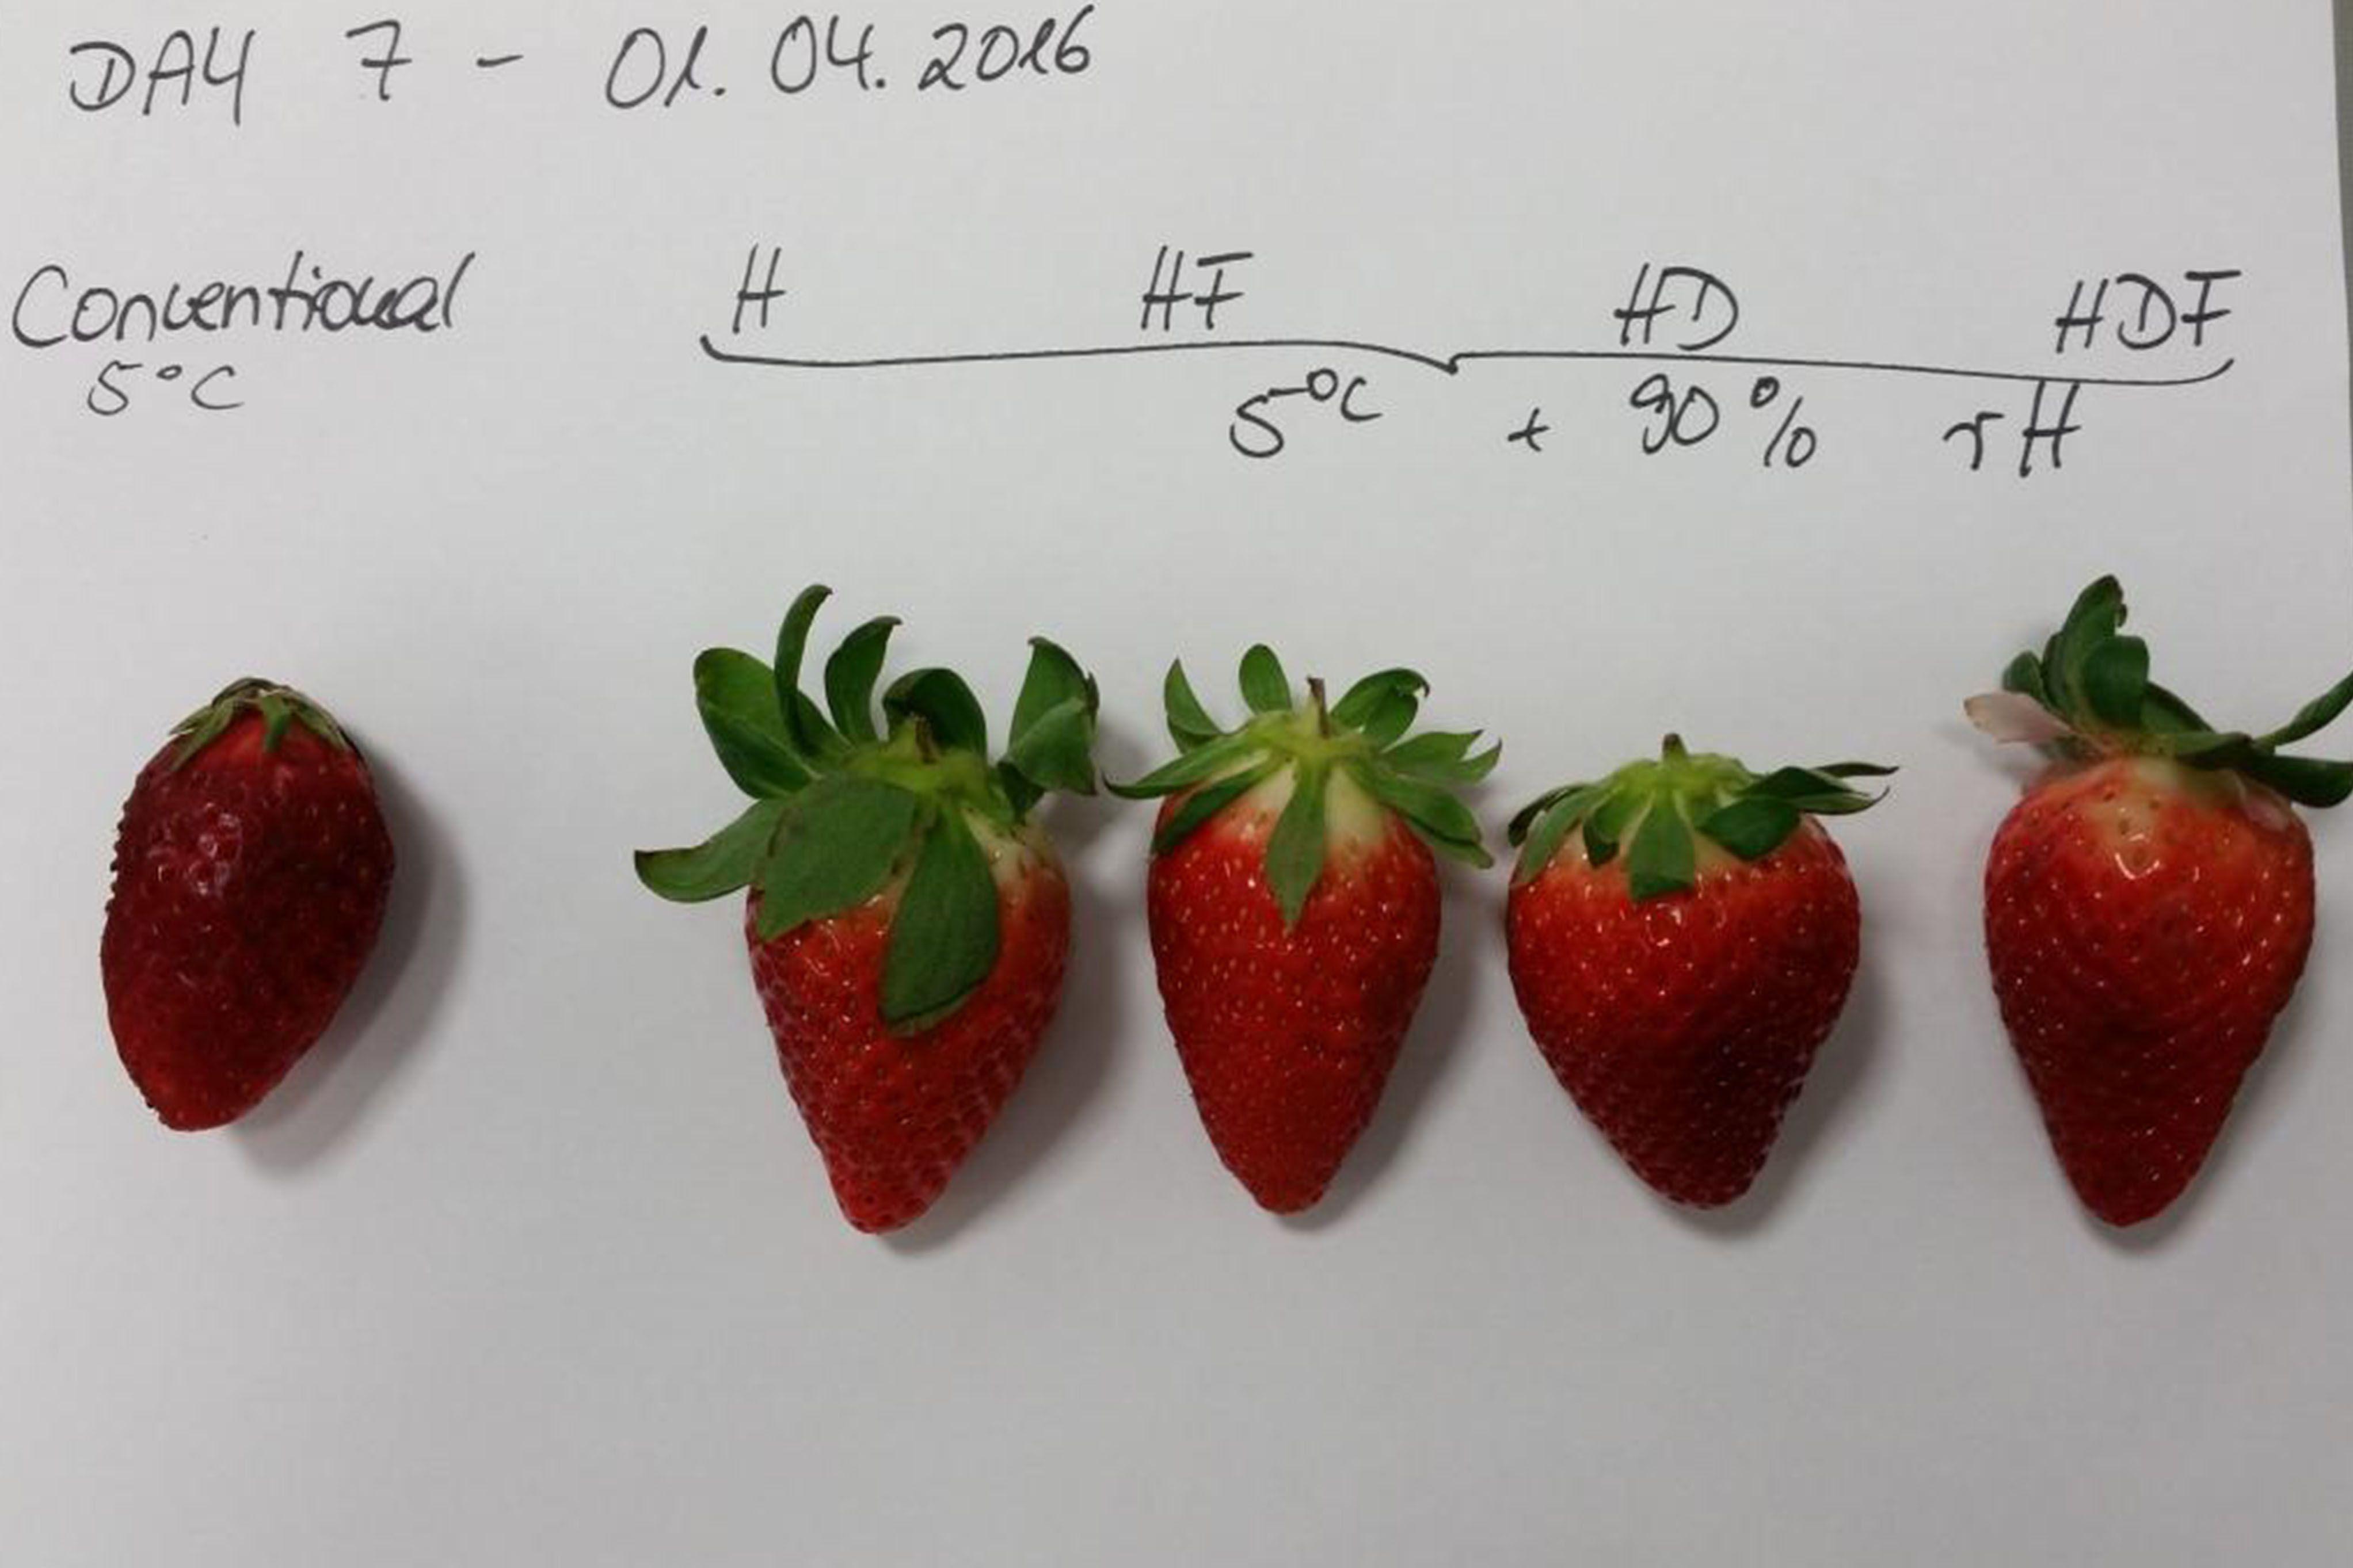 Demonstración fresh-demo: Comparación de fresas con humidificación ultrasónica vs transporte tradicional